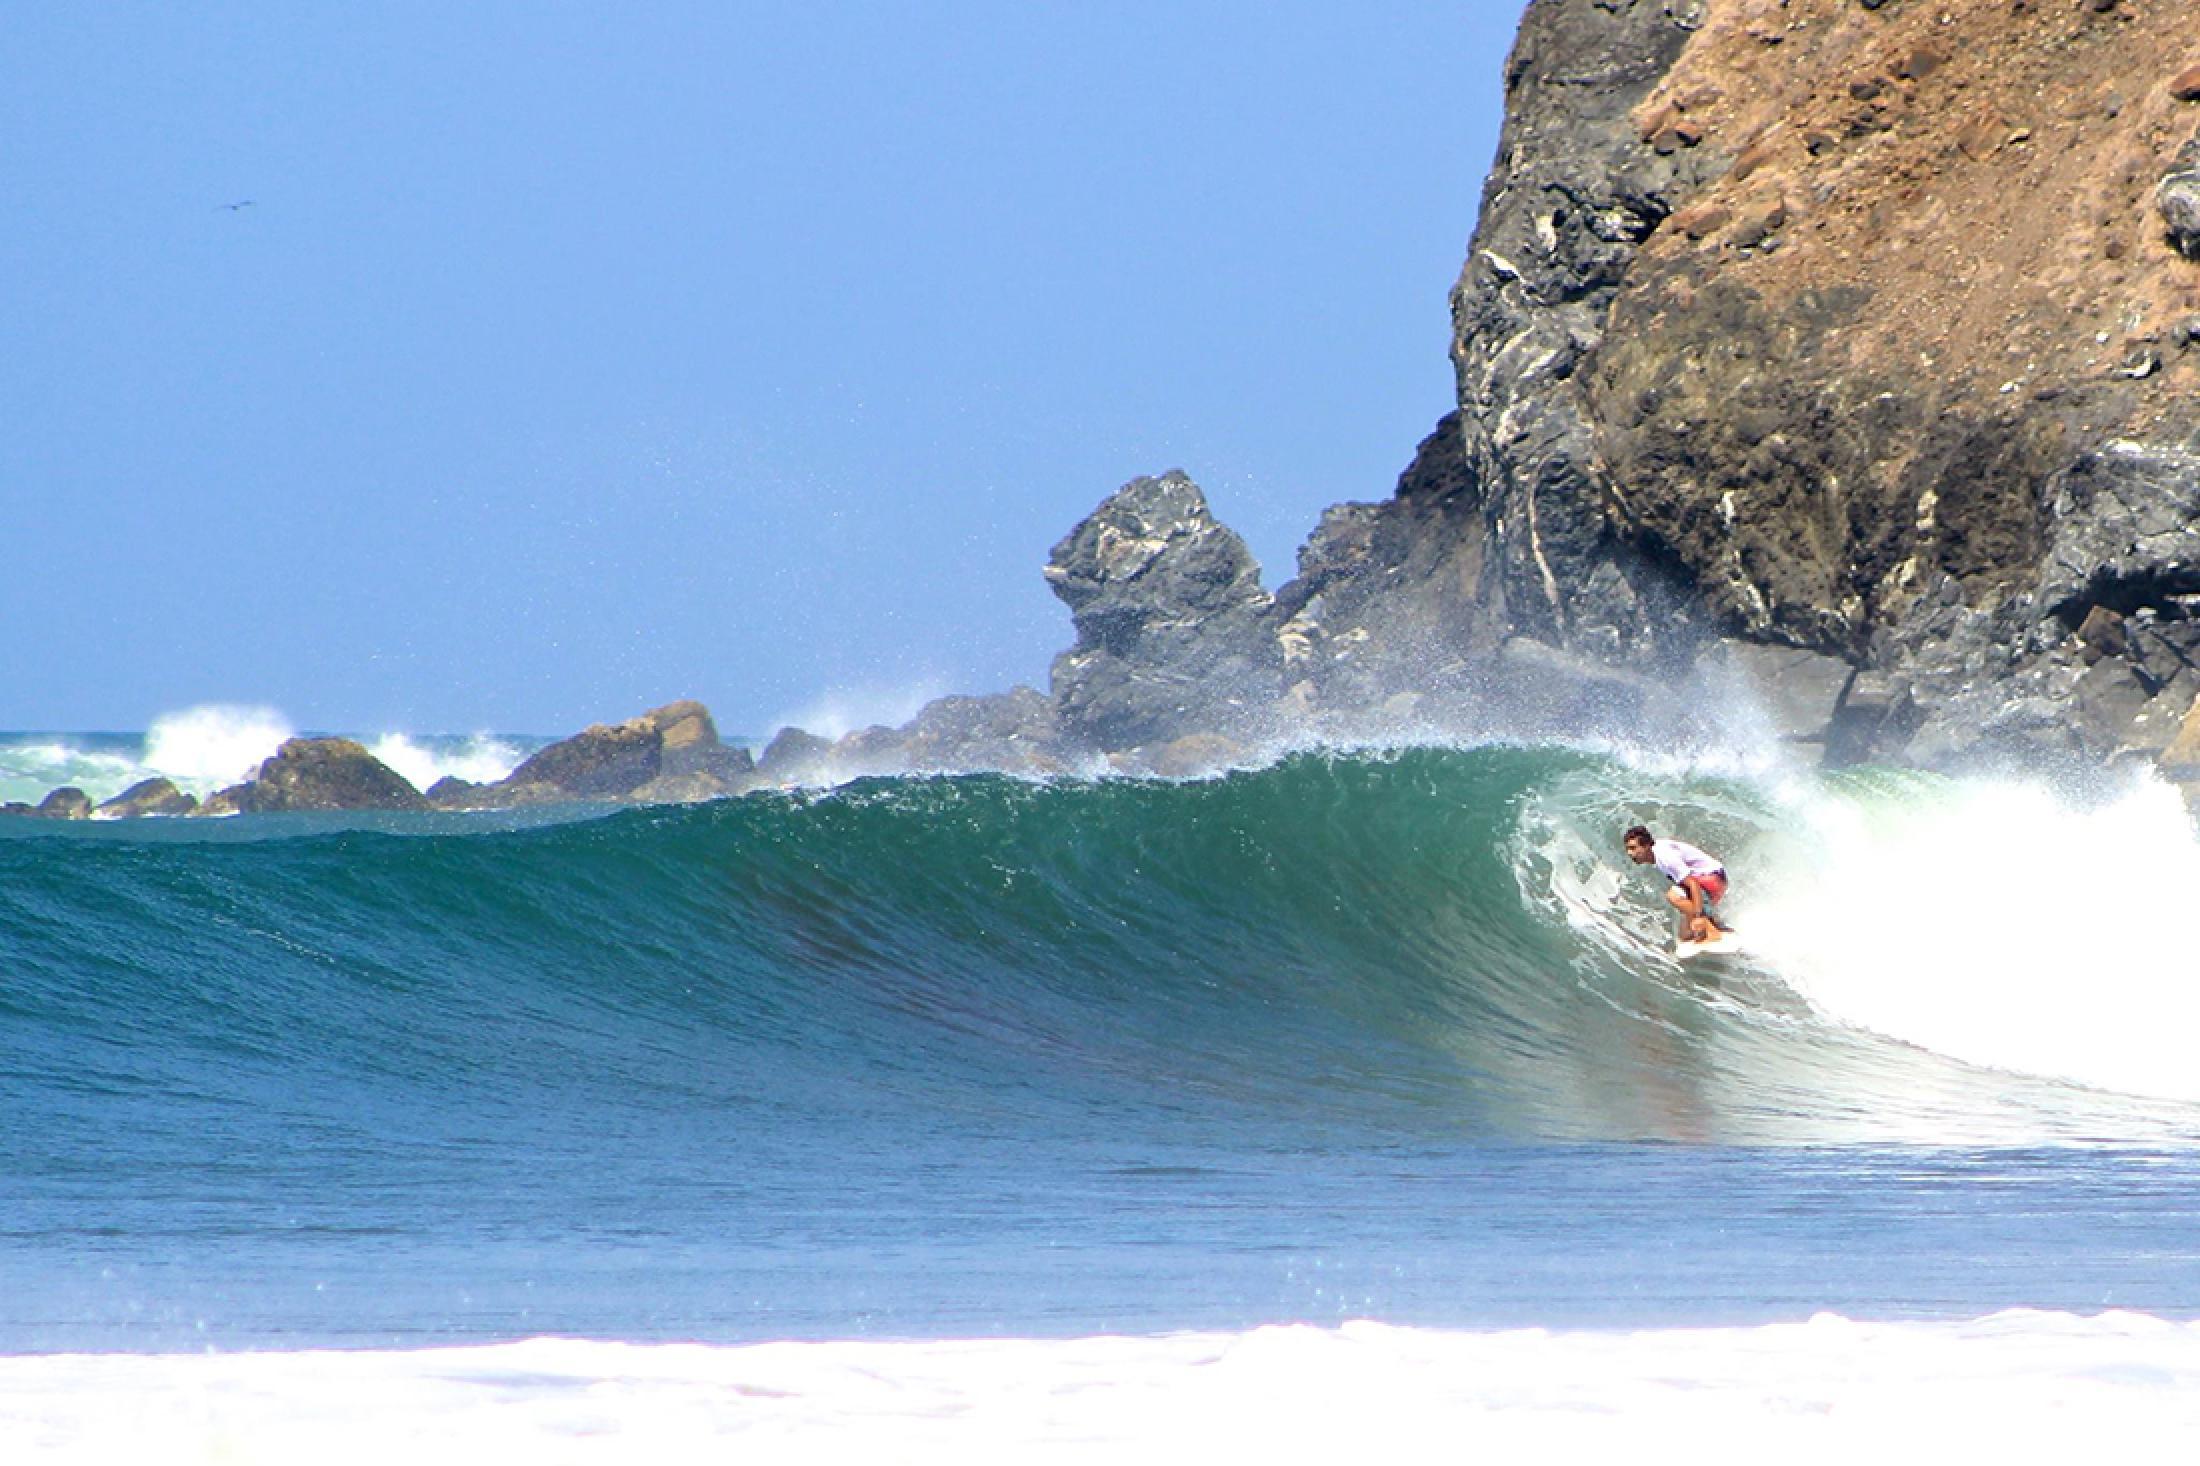 Ollie's Point Surf Trip